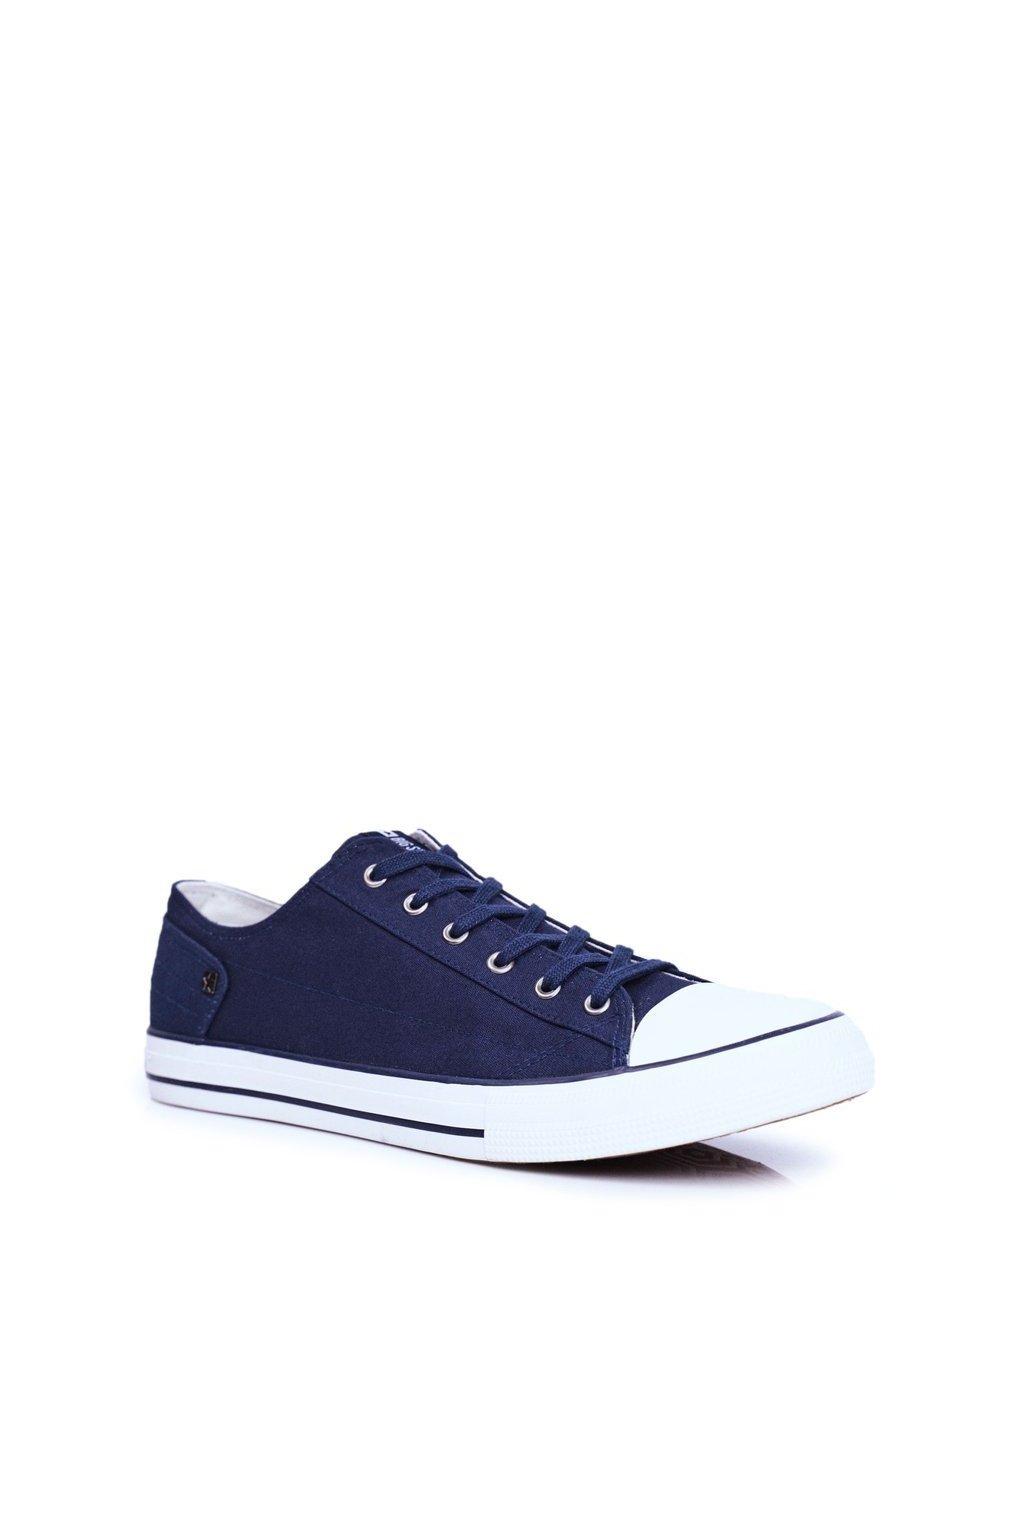 Modrá obuv kód topánok DD174270 NAVY